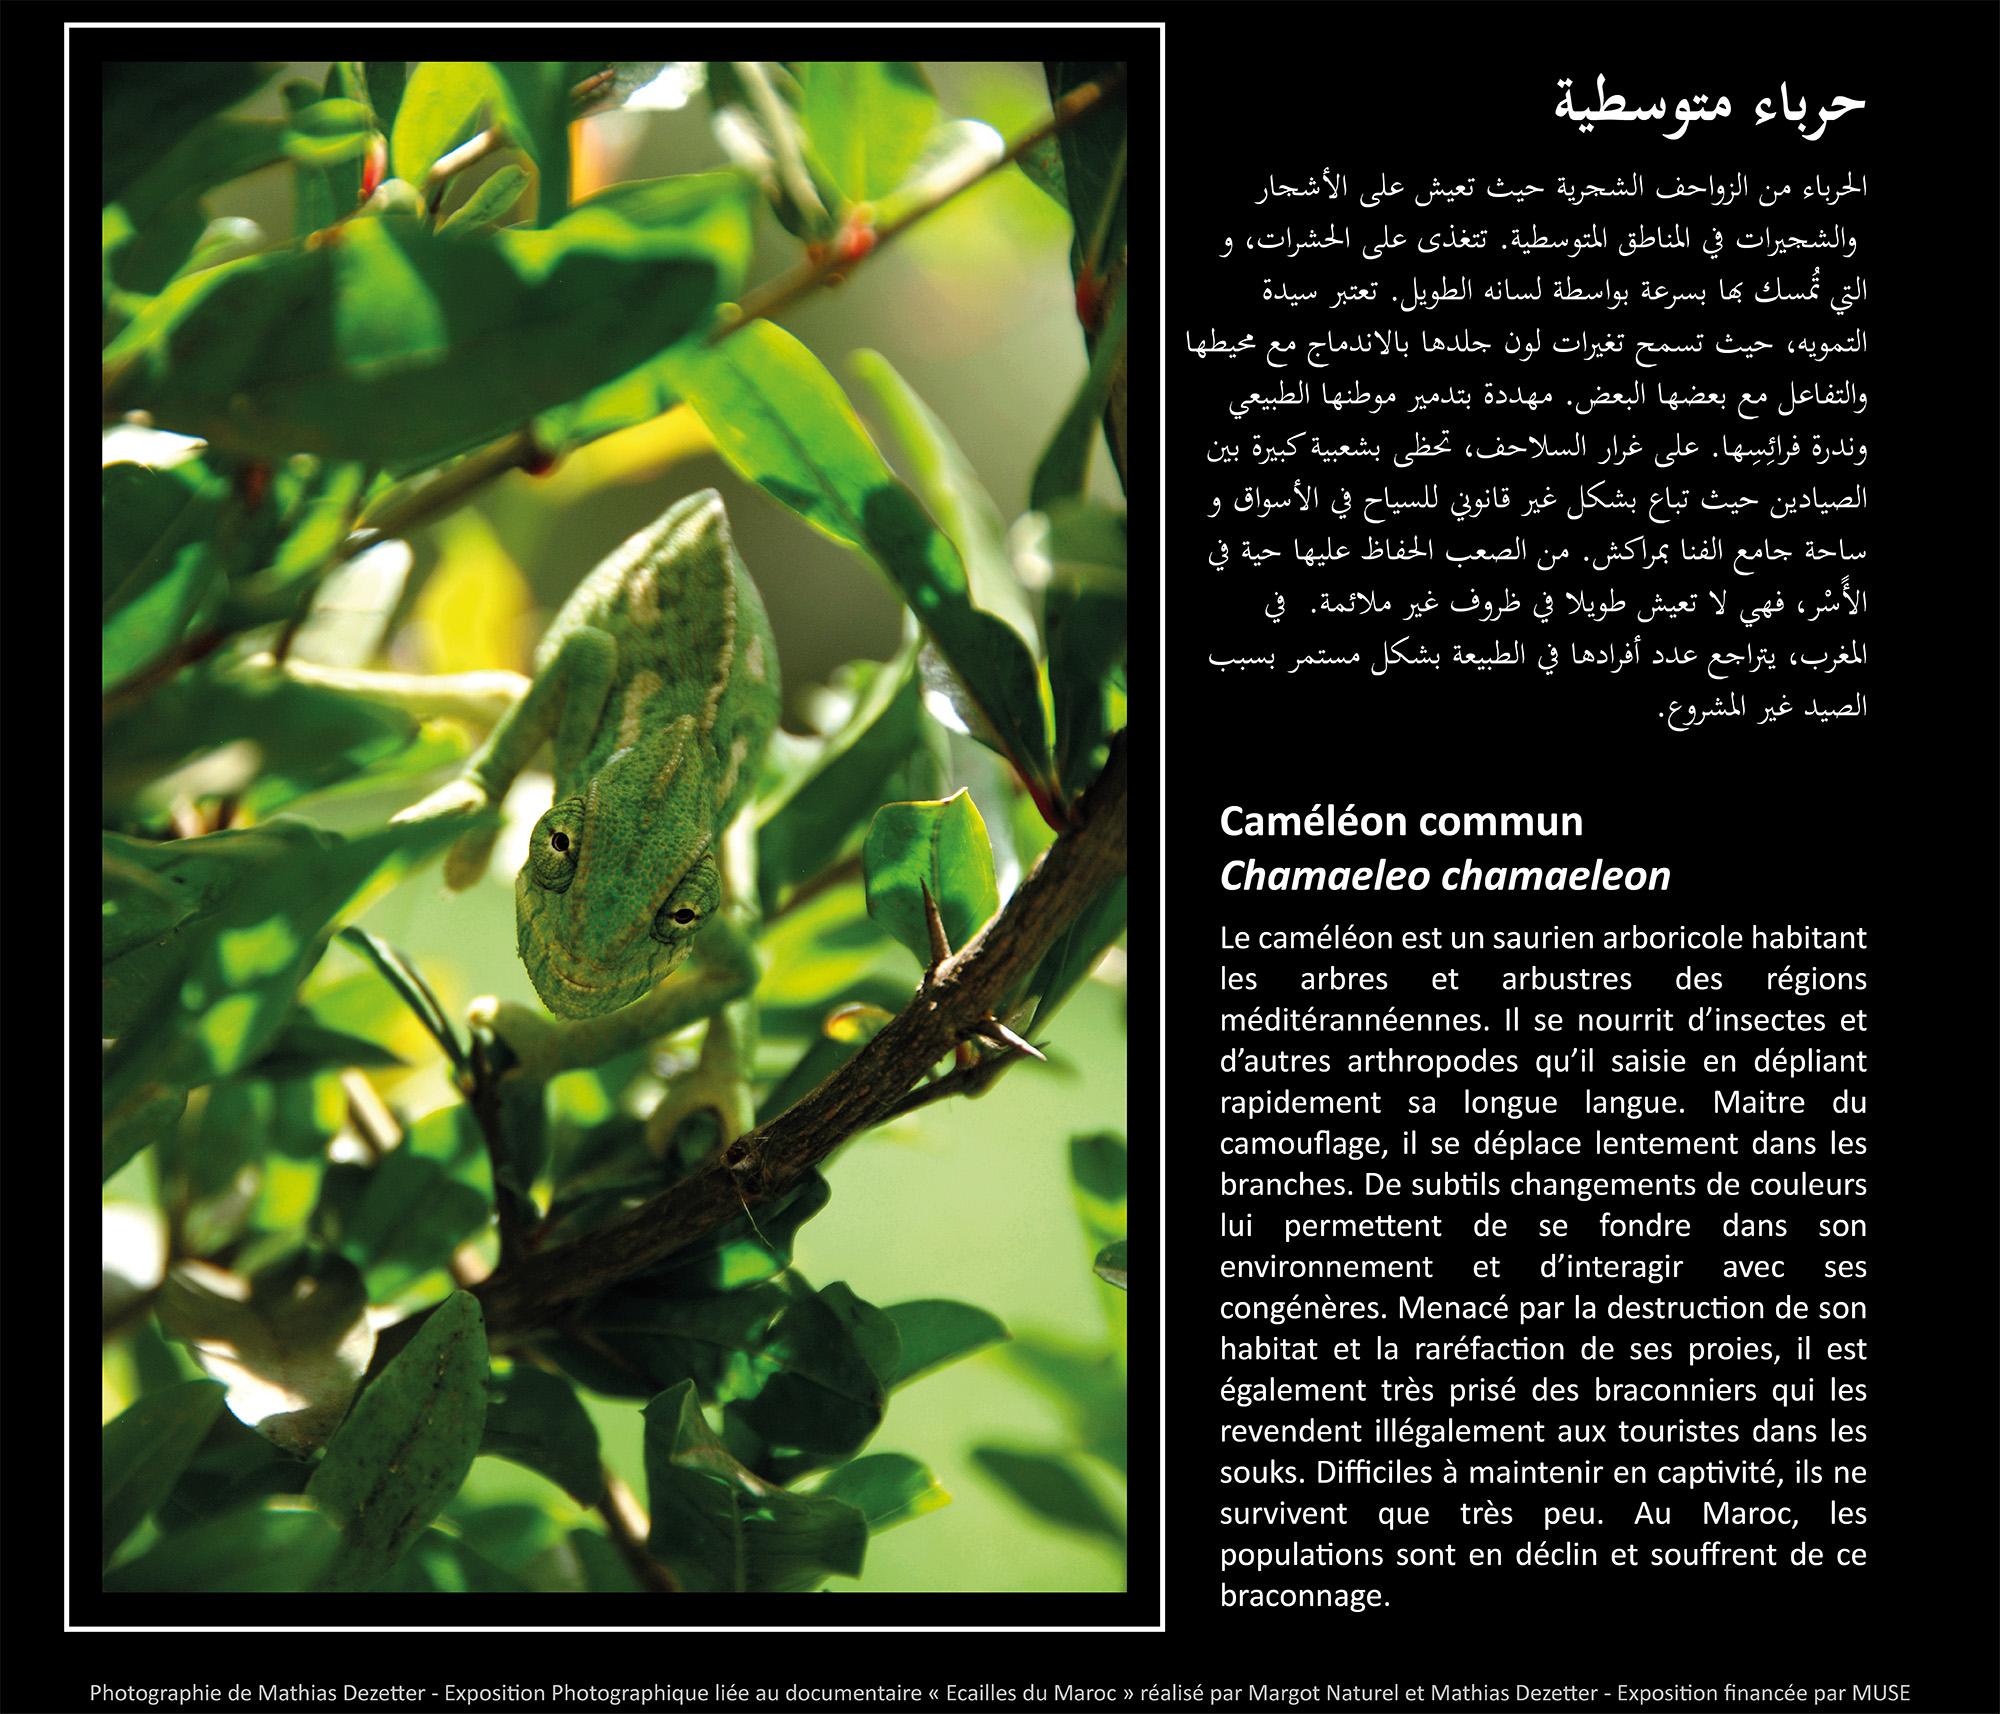 cameleon commun copie